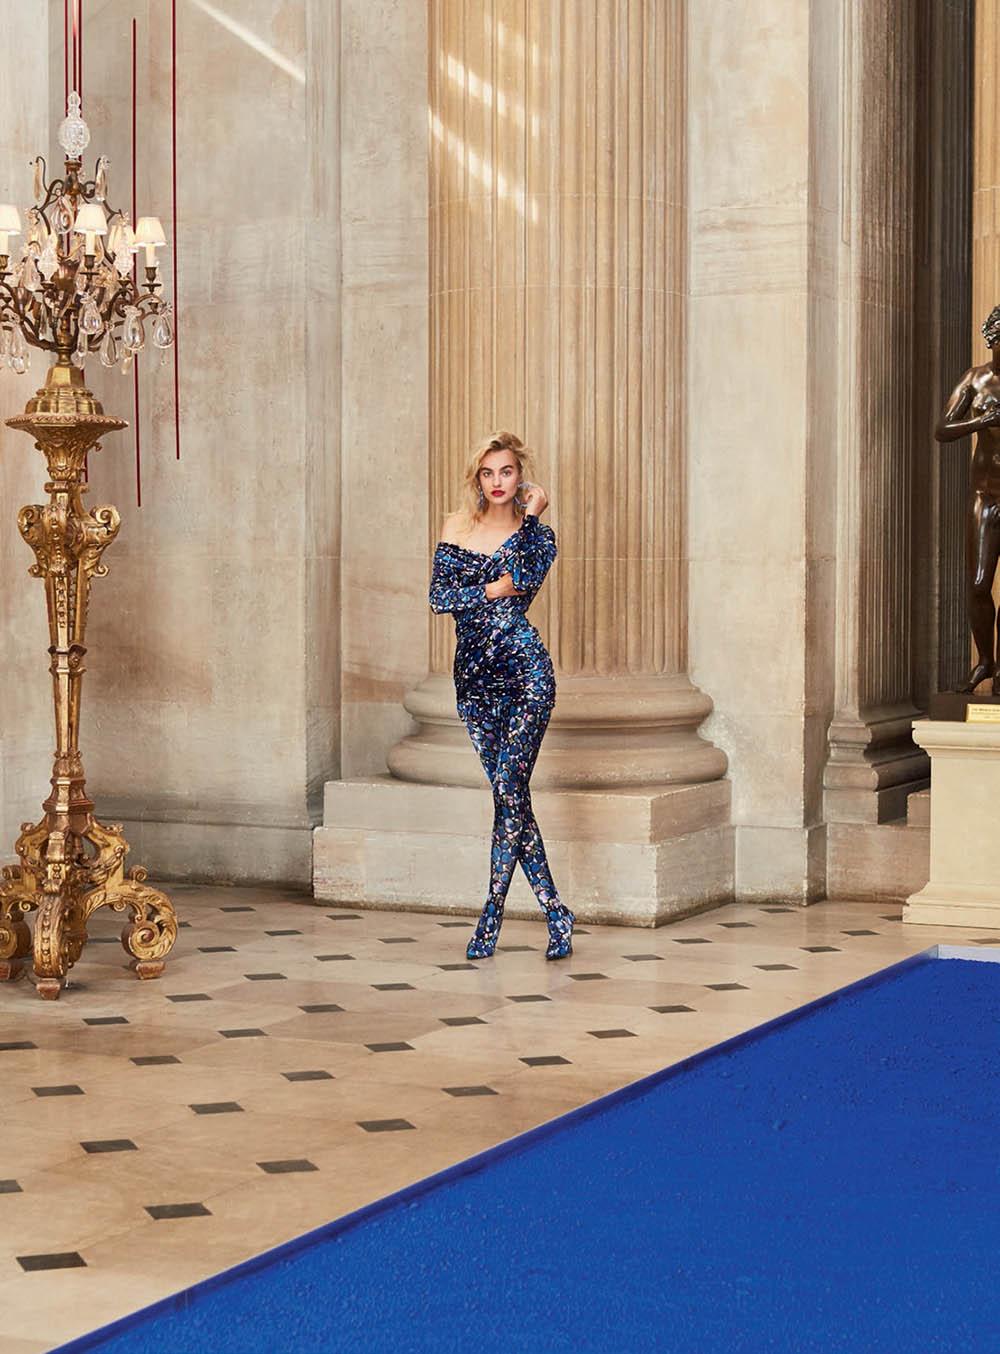 Maartje Verhoef covers Harper's Bazaar UK November 2018 by Josh Shinner